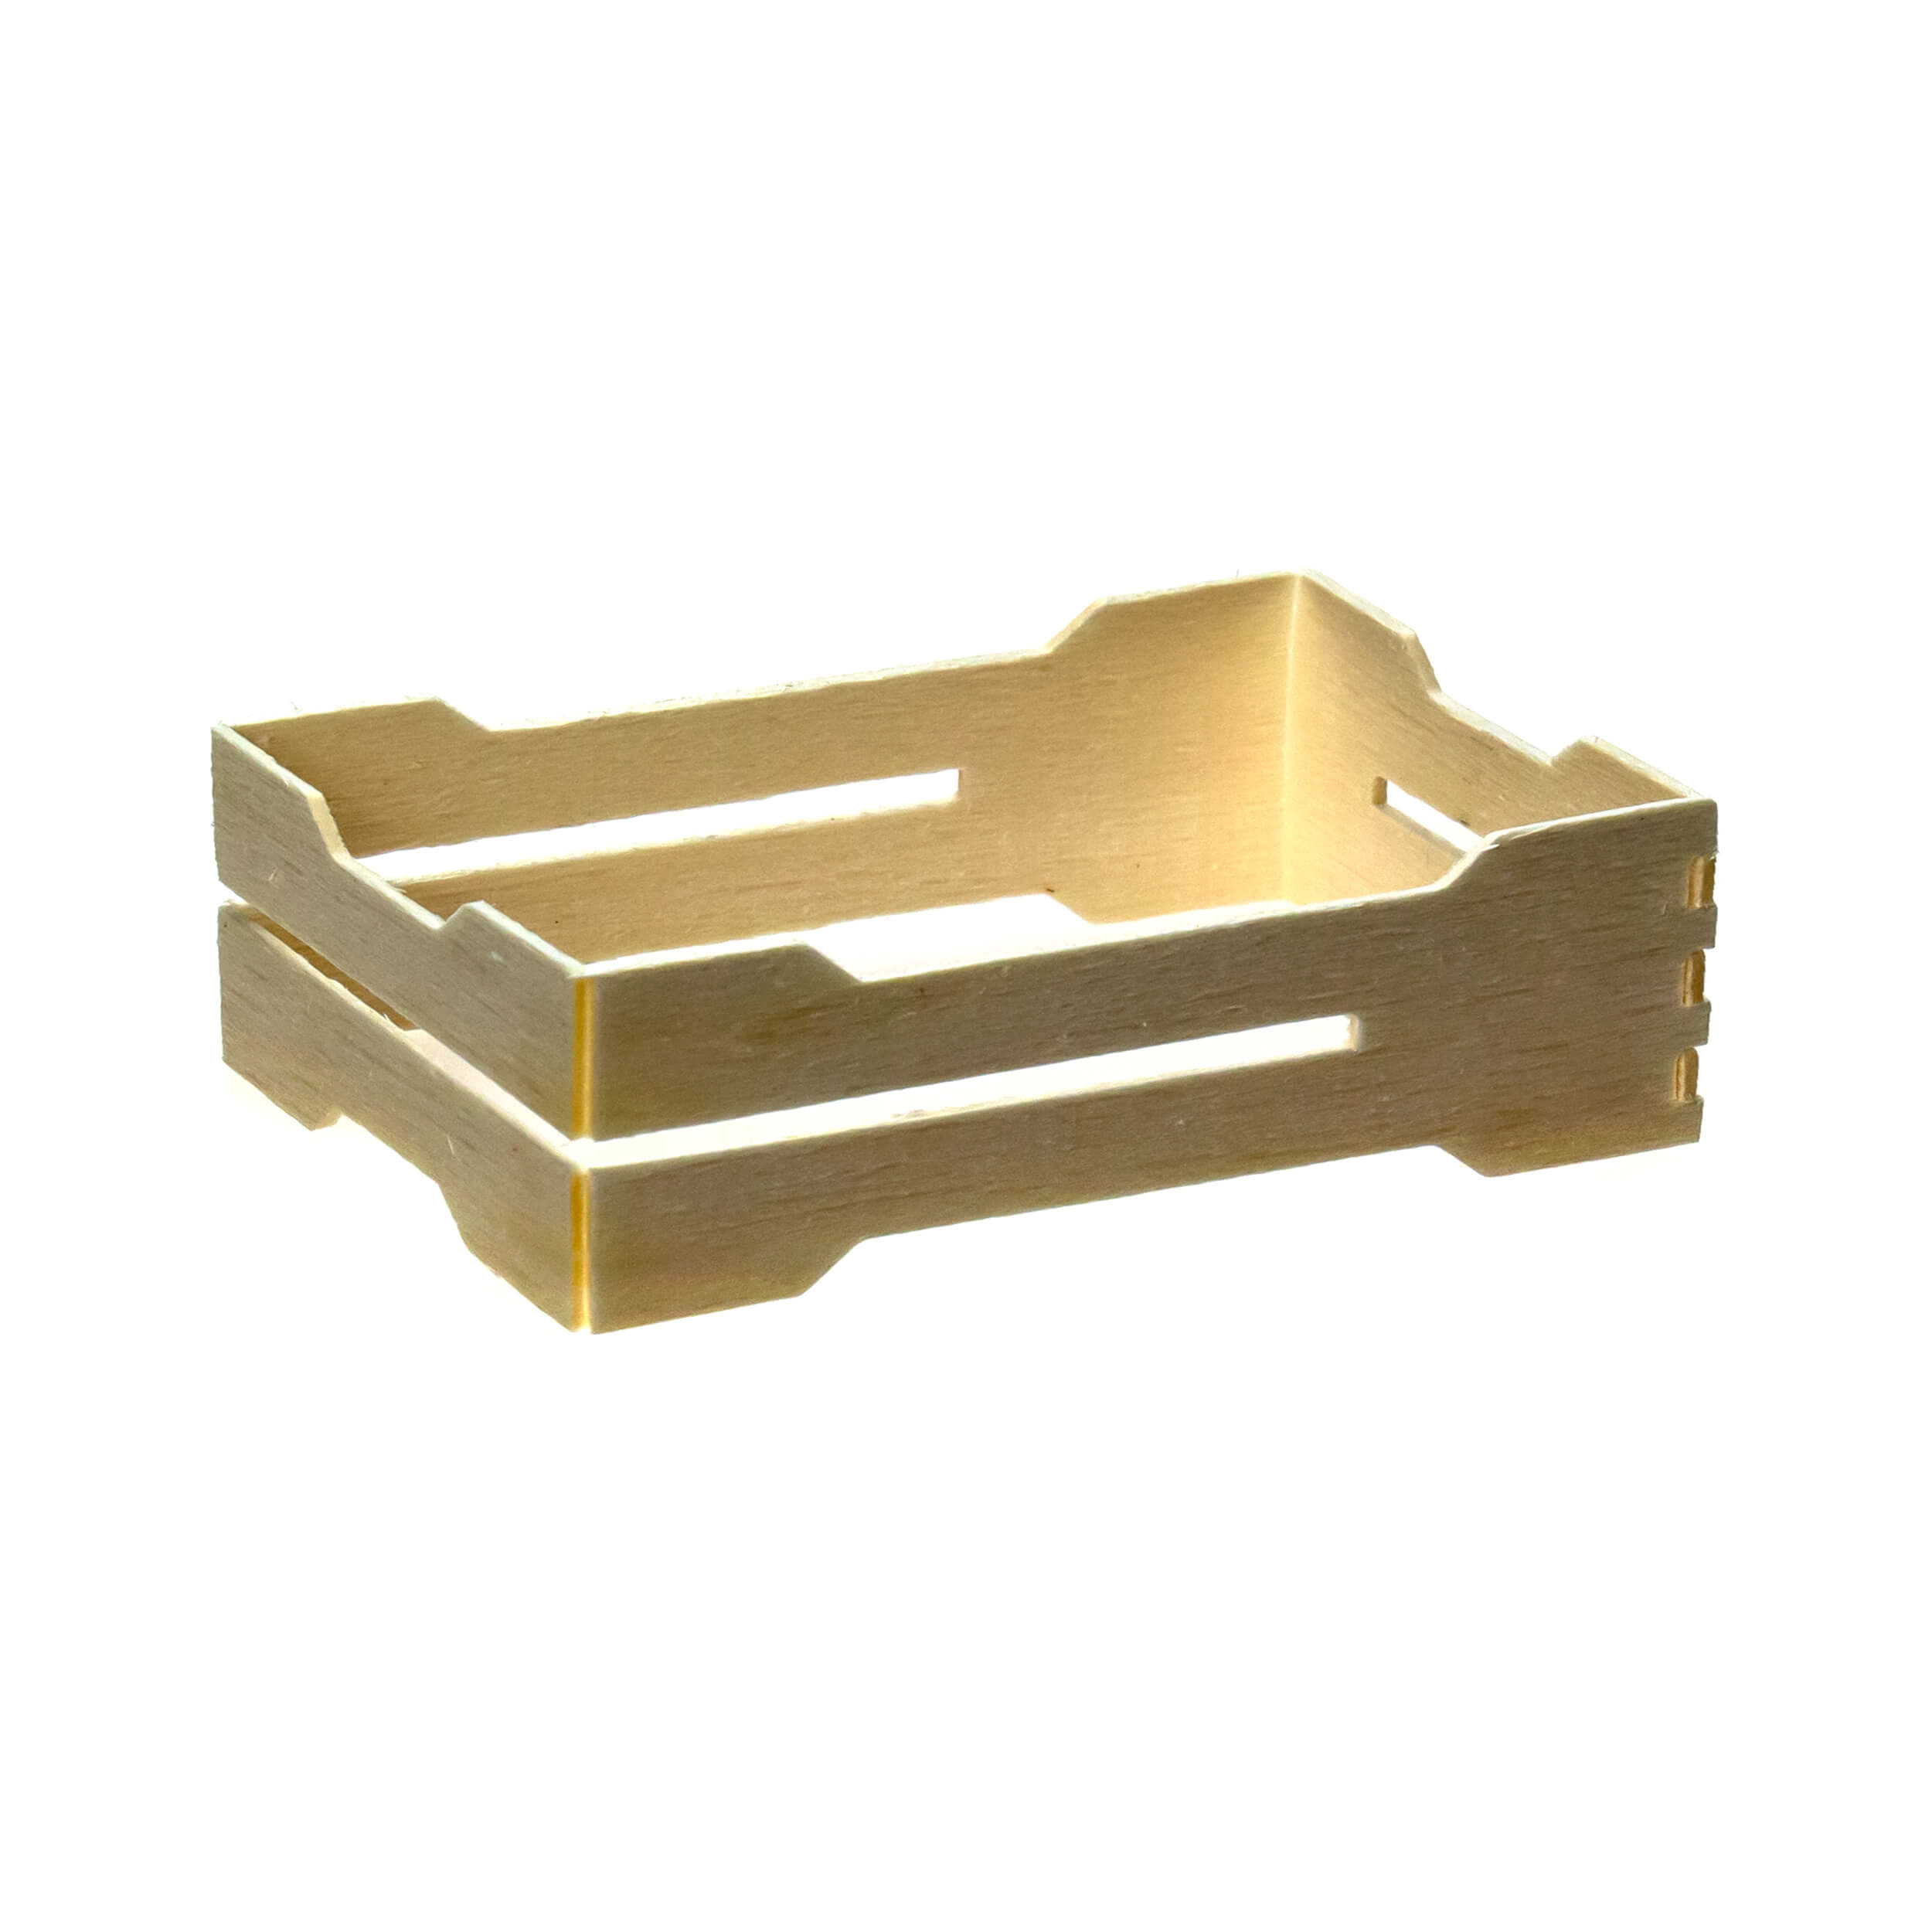 Мини рамка секционная для сотового меда (67х110х37 с универсальными пазами, дерево, упаковка 50 штук) фото